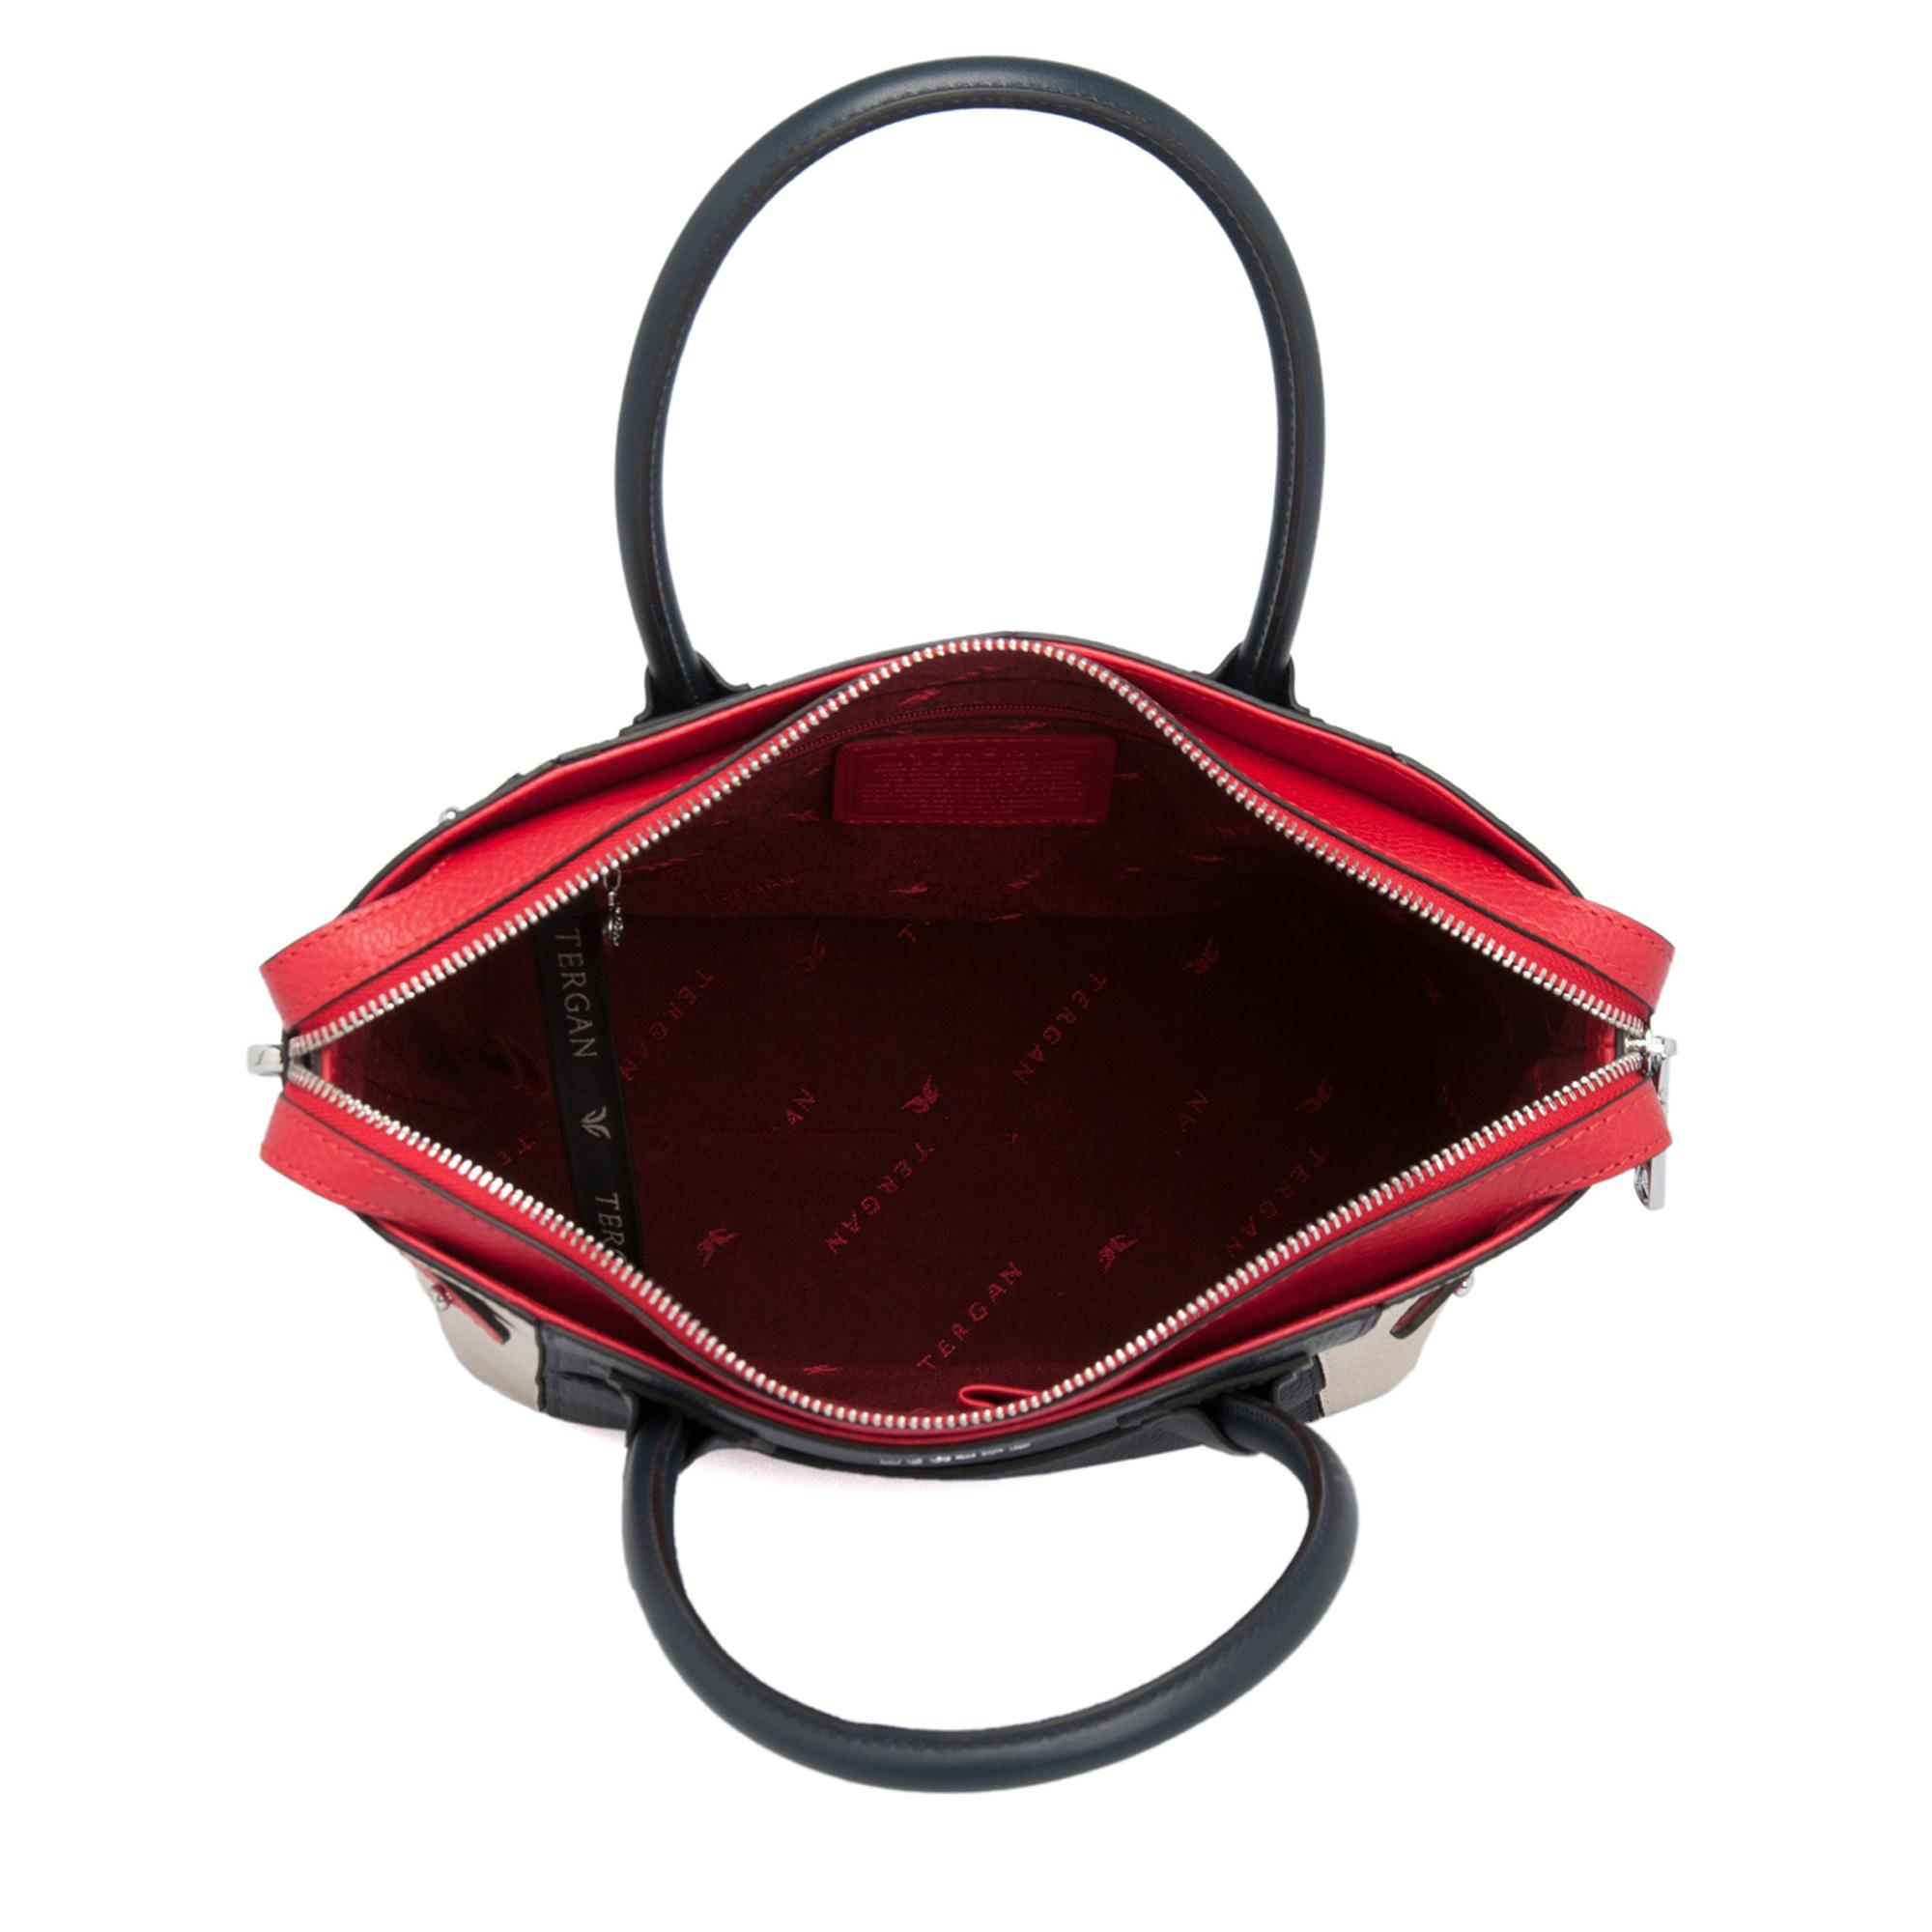 Lacivert-Kırmızı Kadın Çanta 79497D1T